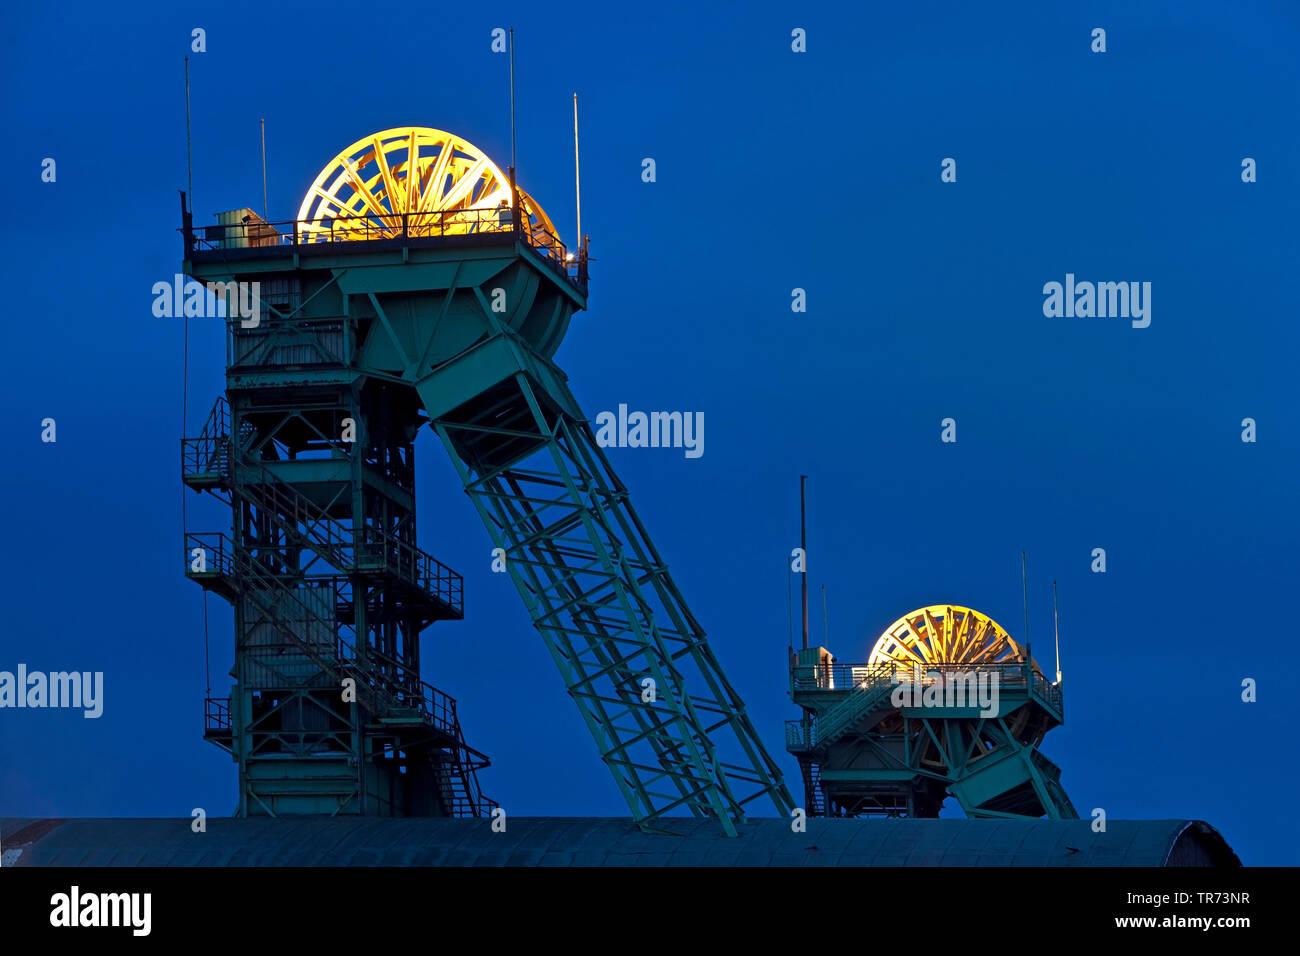 Illuminierte Seilscheibe der  Zeche Westfalen, stillgelegtes Steinkohlen Bergwerk am Abend, Deutschland, Nordrhein-Westfalen, Muensterland, Ahlen   il - Stock Image